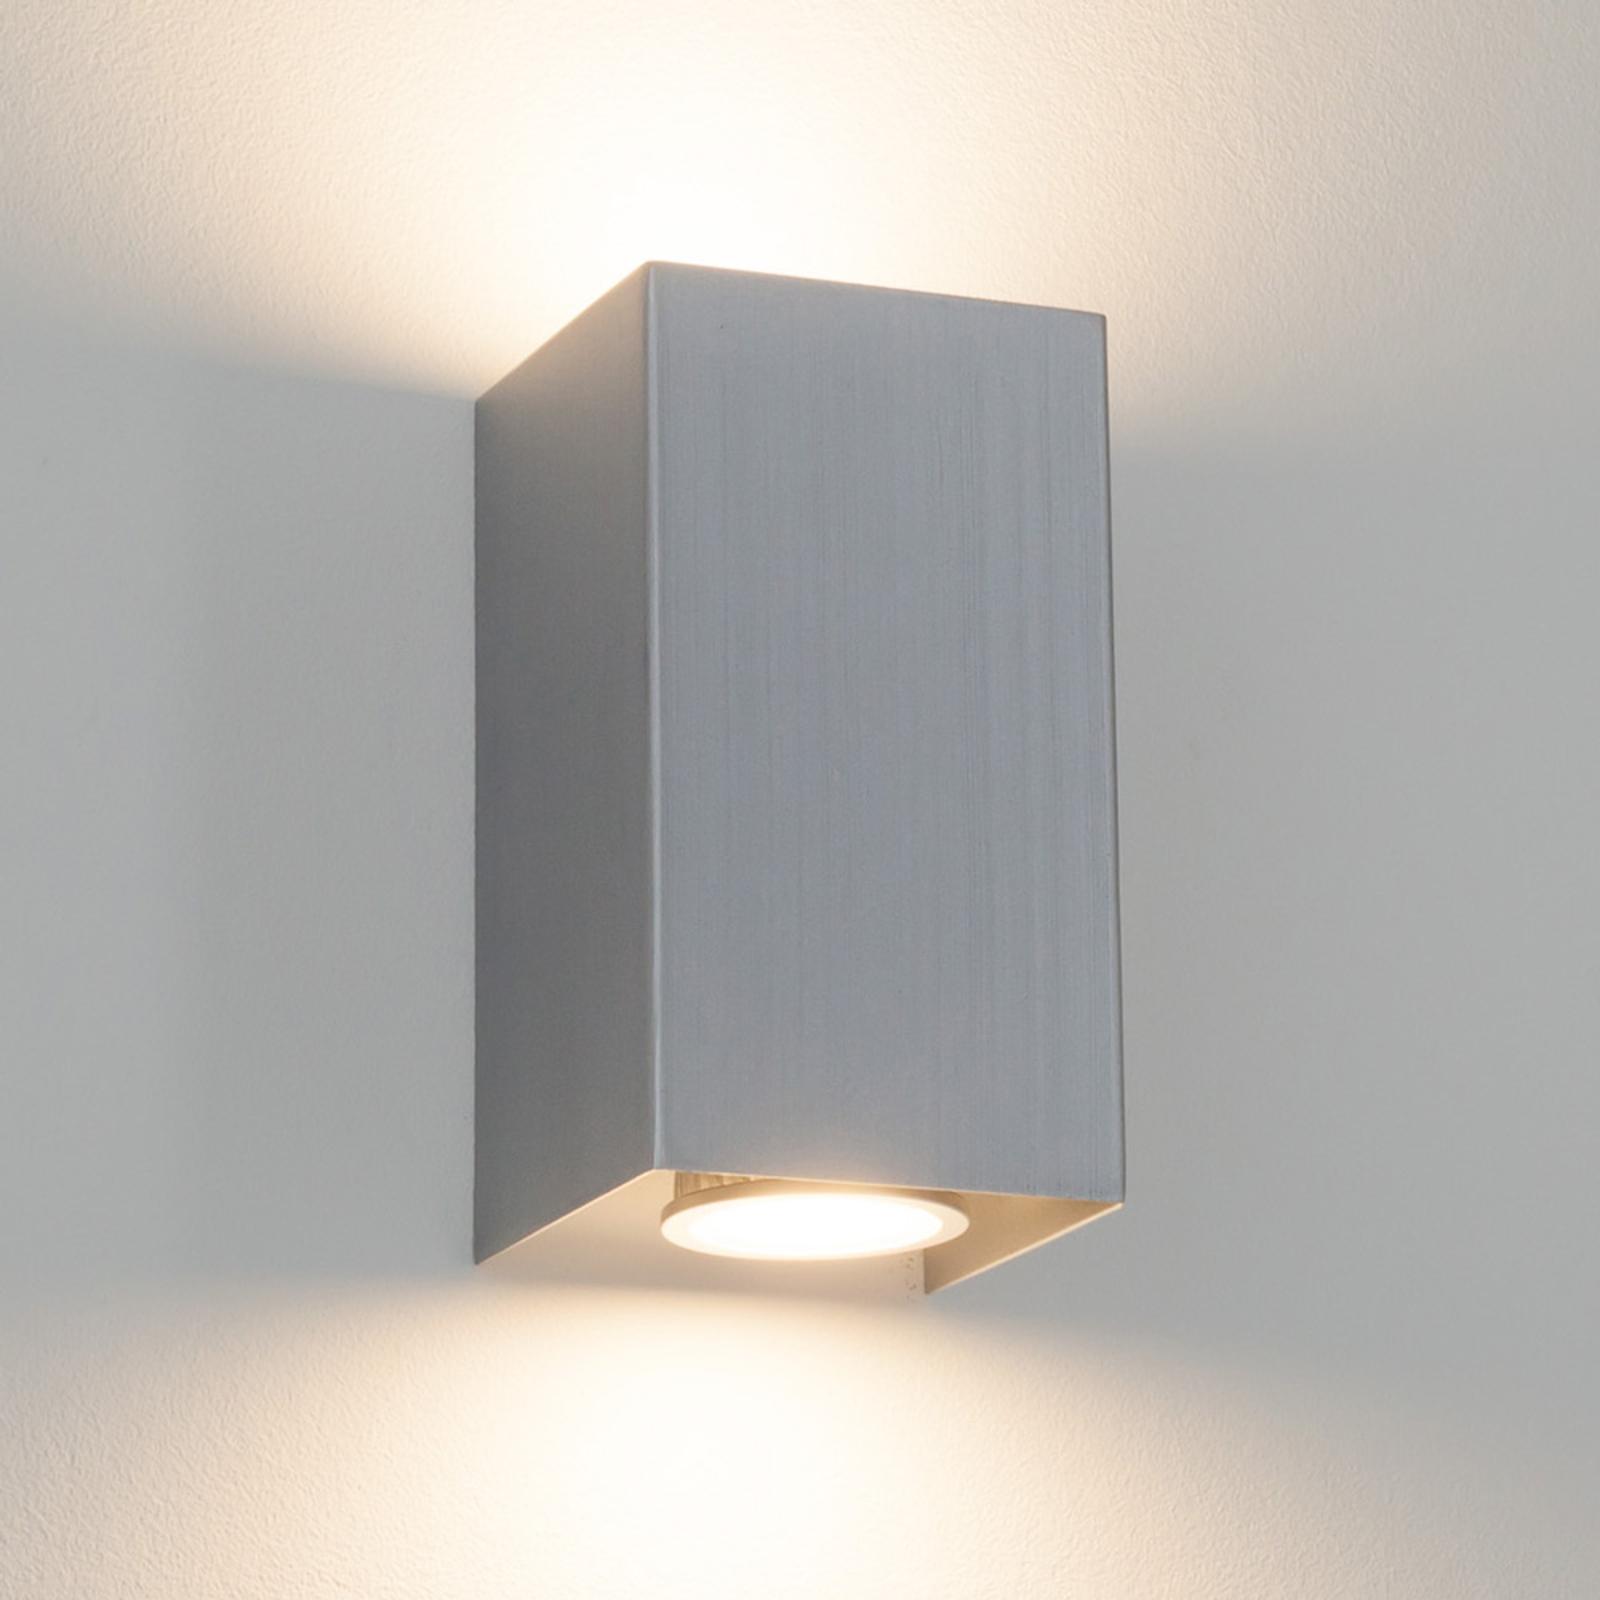 Eckige Metall-Wandleuchte Kabir, GU10 LED